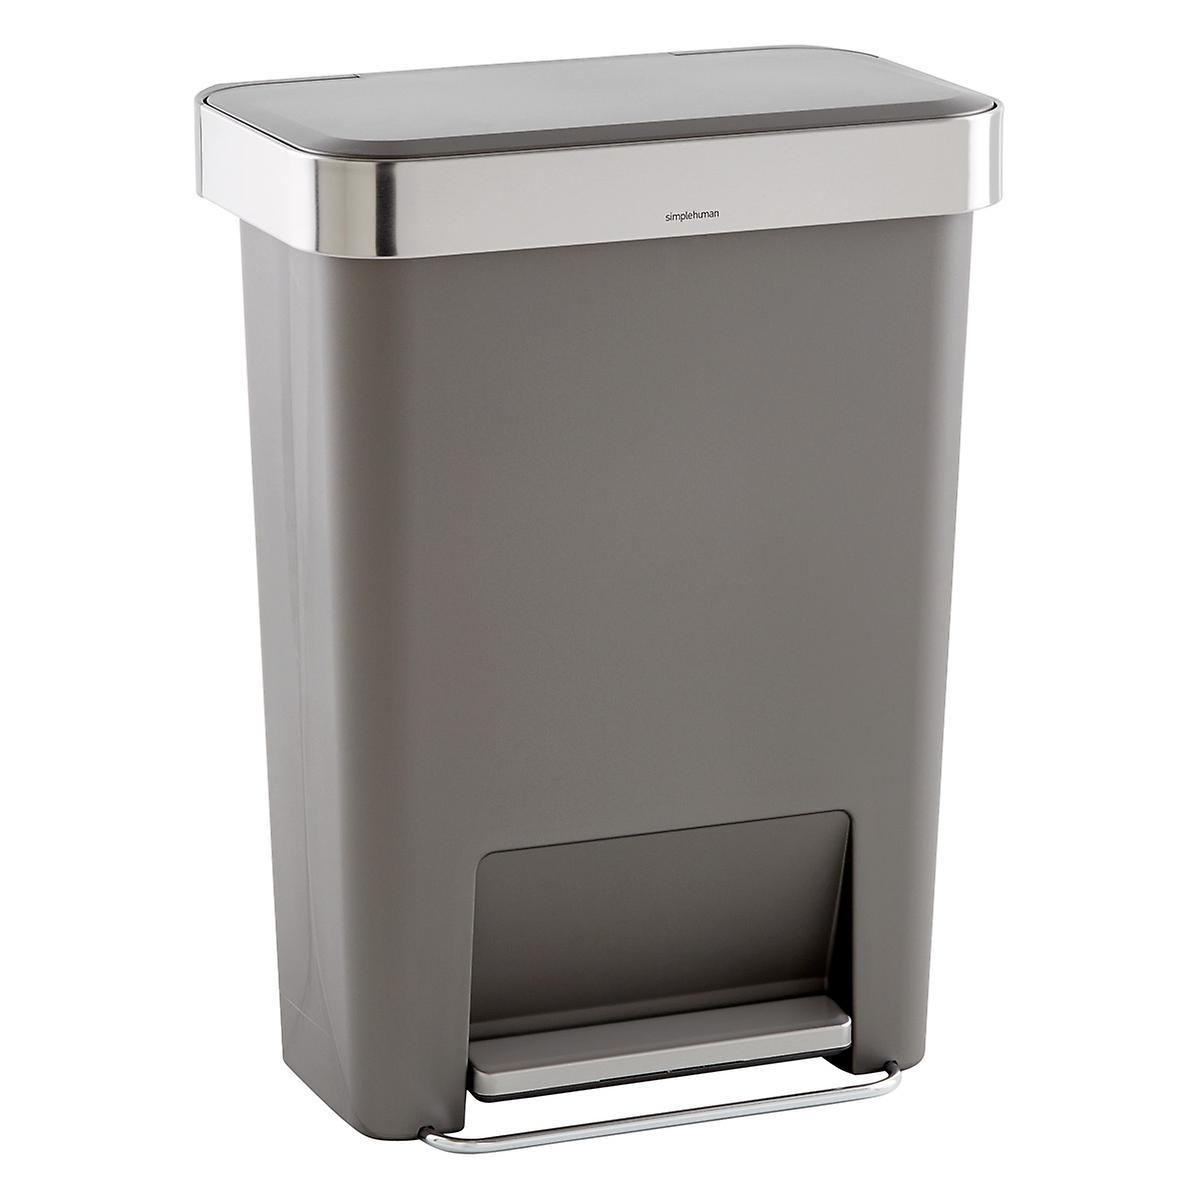 Rectangular Trash Can. simplehuman Grey 12 gal  Rectangular Trash Can with Liner Pocket